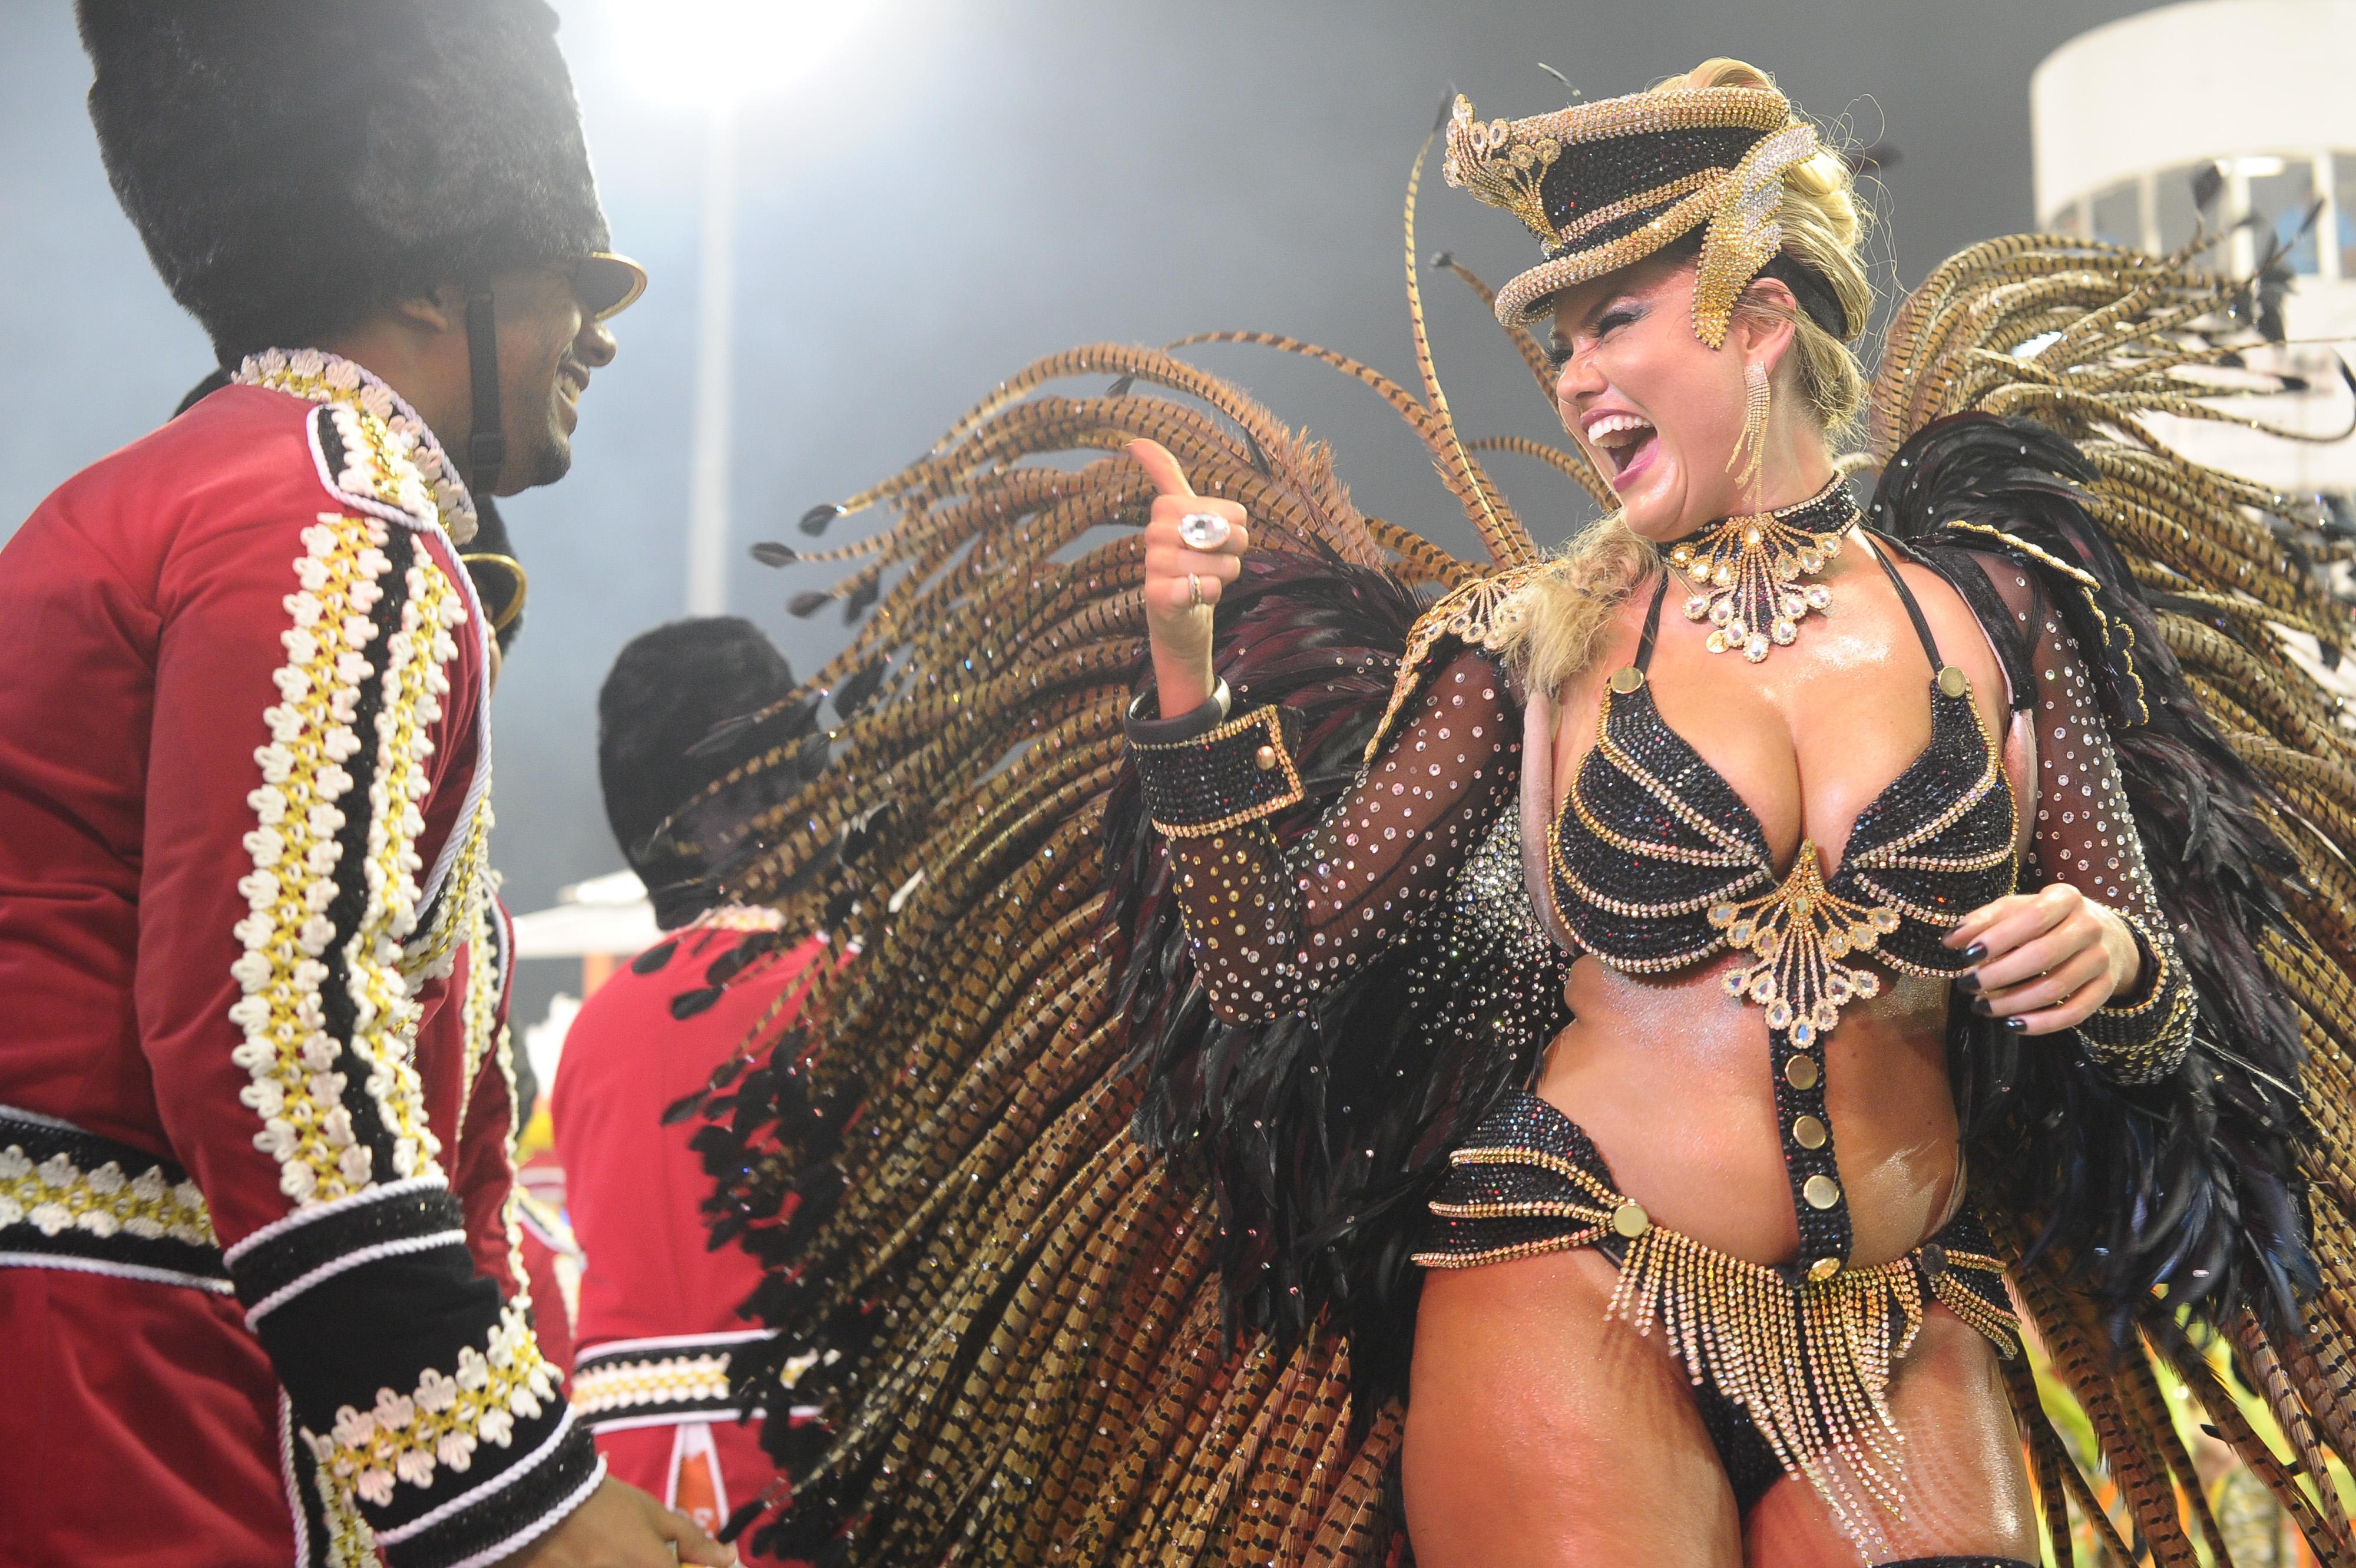 замечу, что фото карнавала трансов каталог видео фото